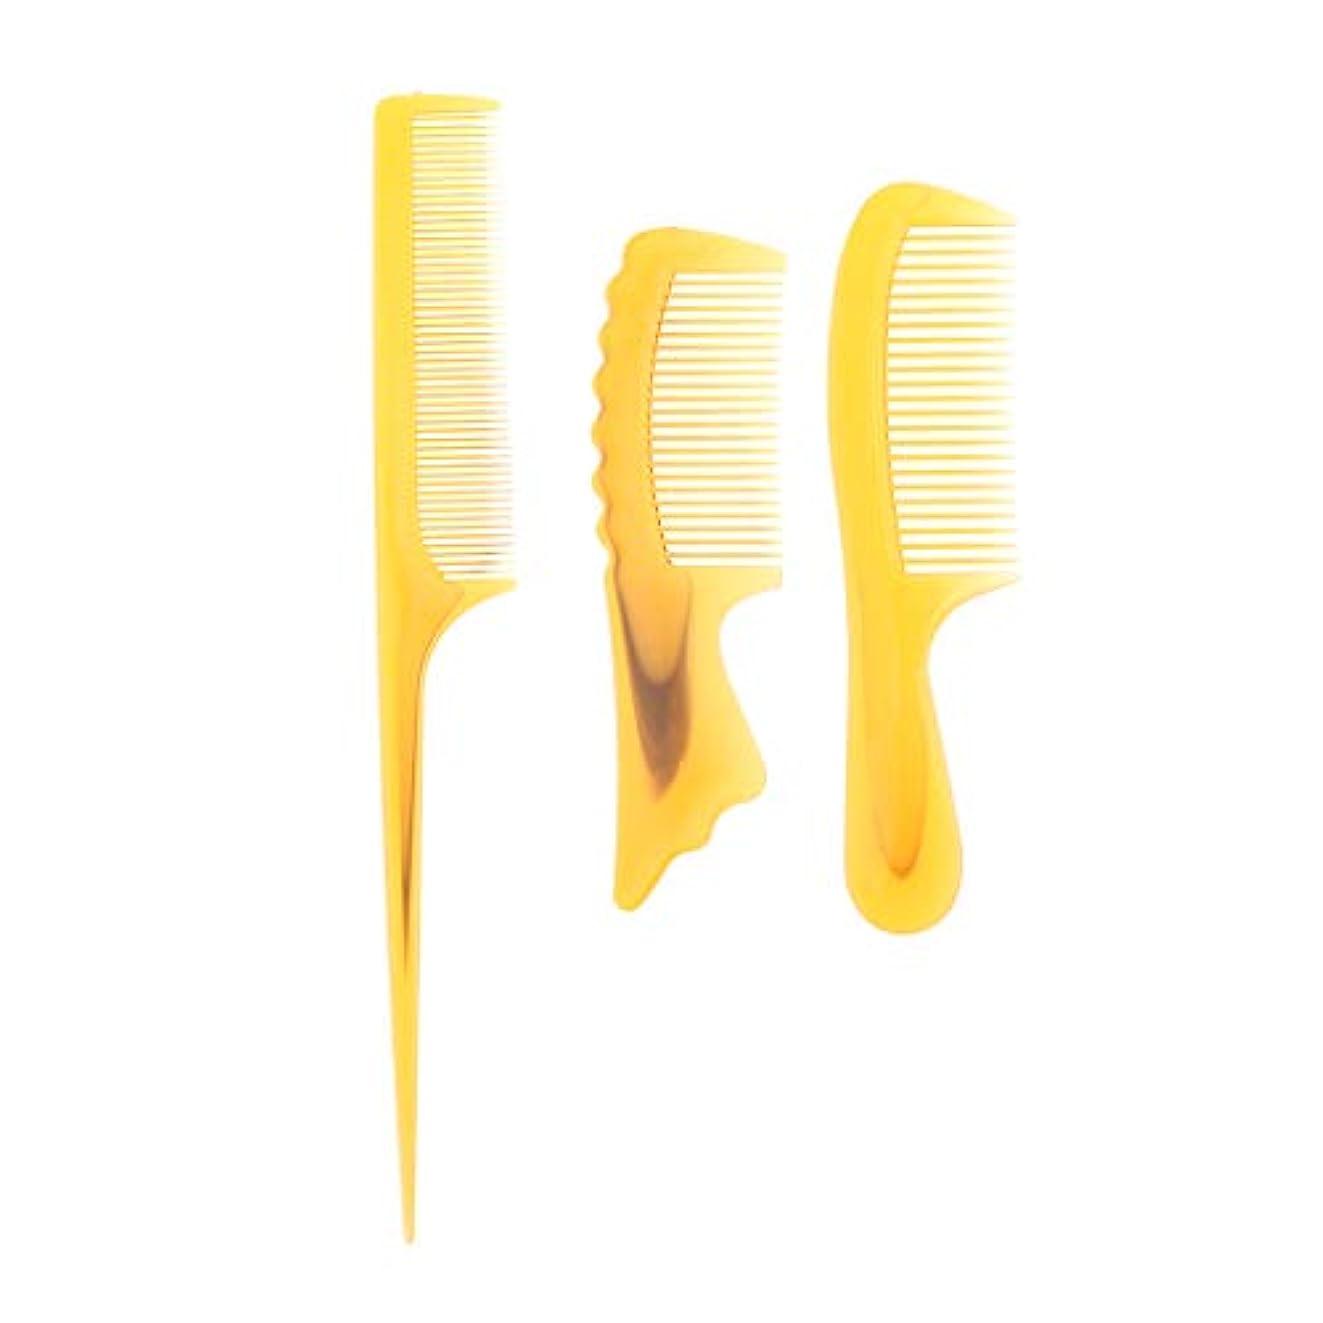 ロマンスマウスピースクラッチToygogo 3x帯電防止理髪理髪くし耐熱もつれくし